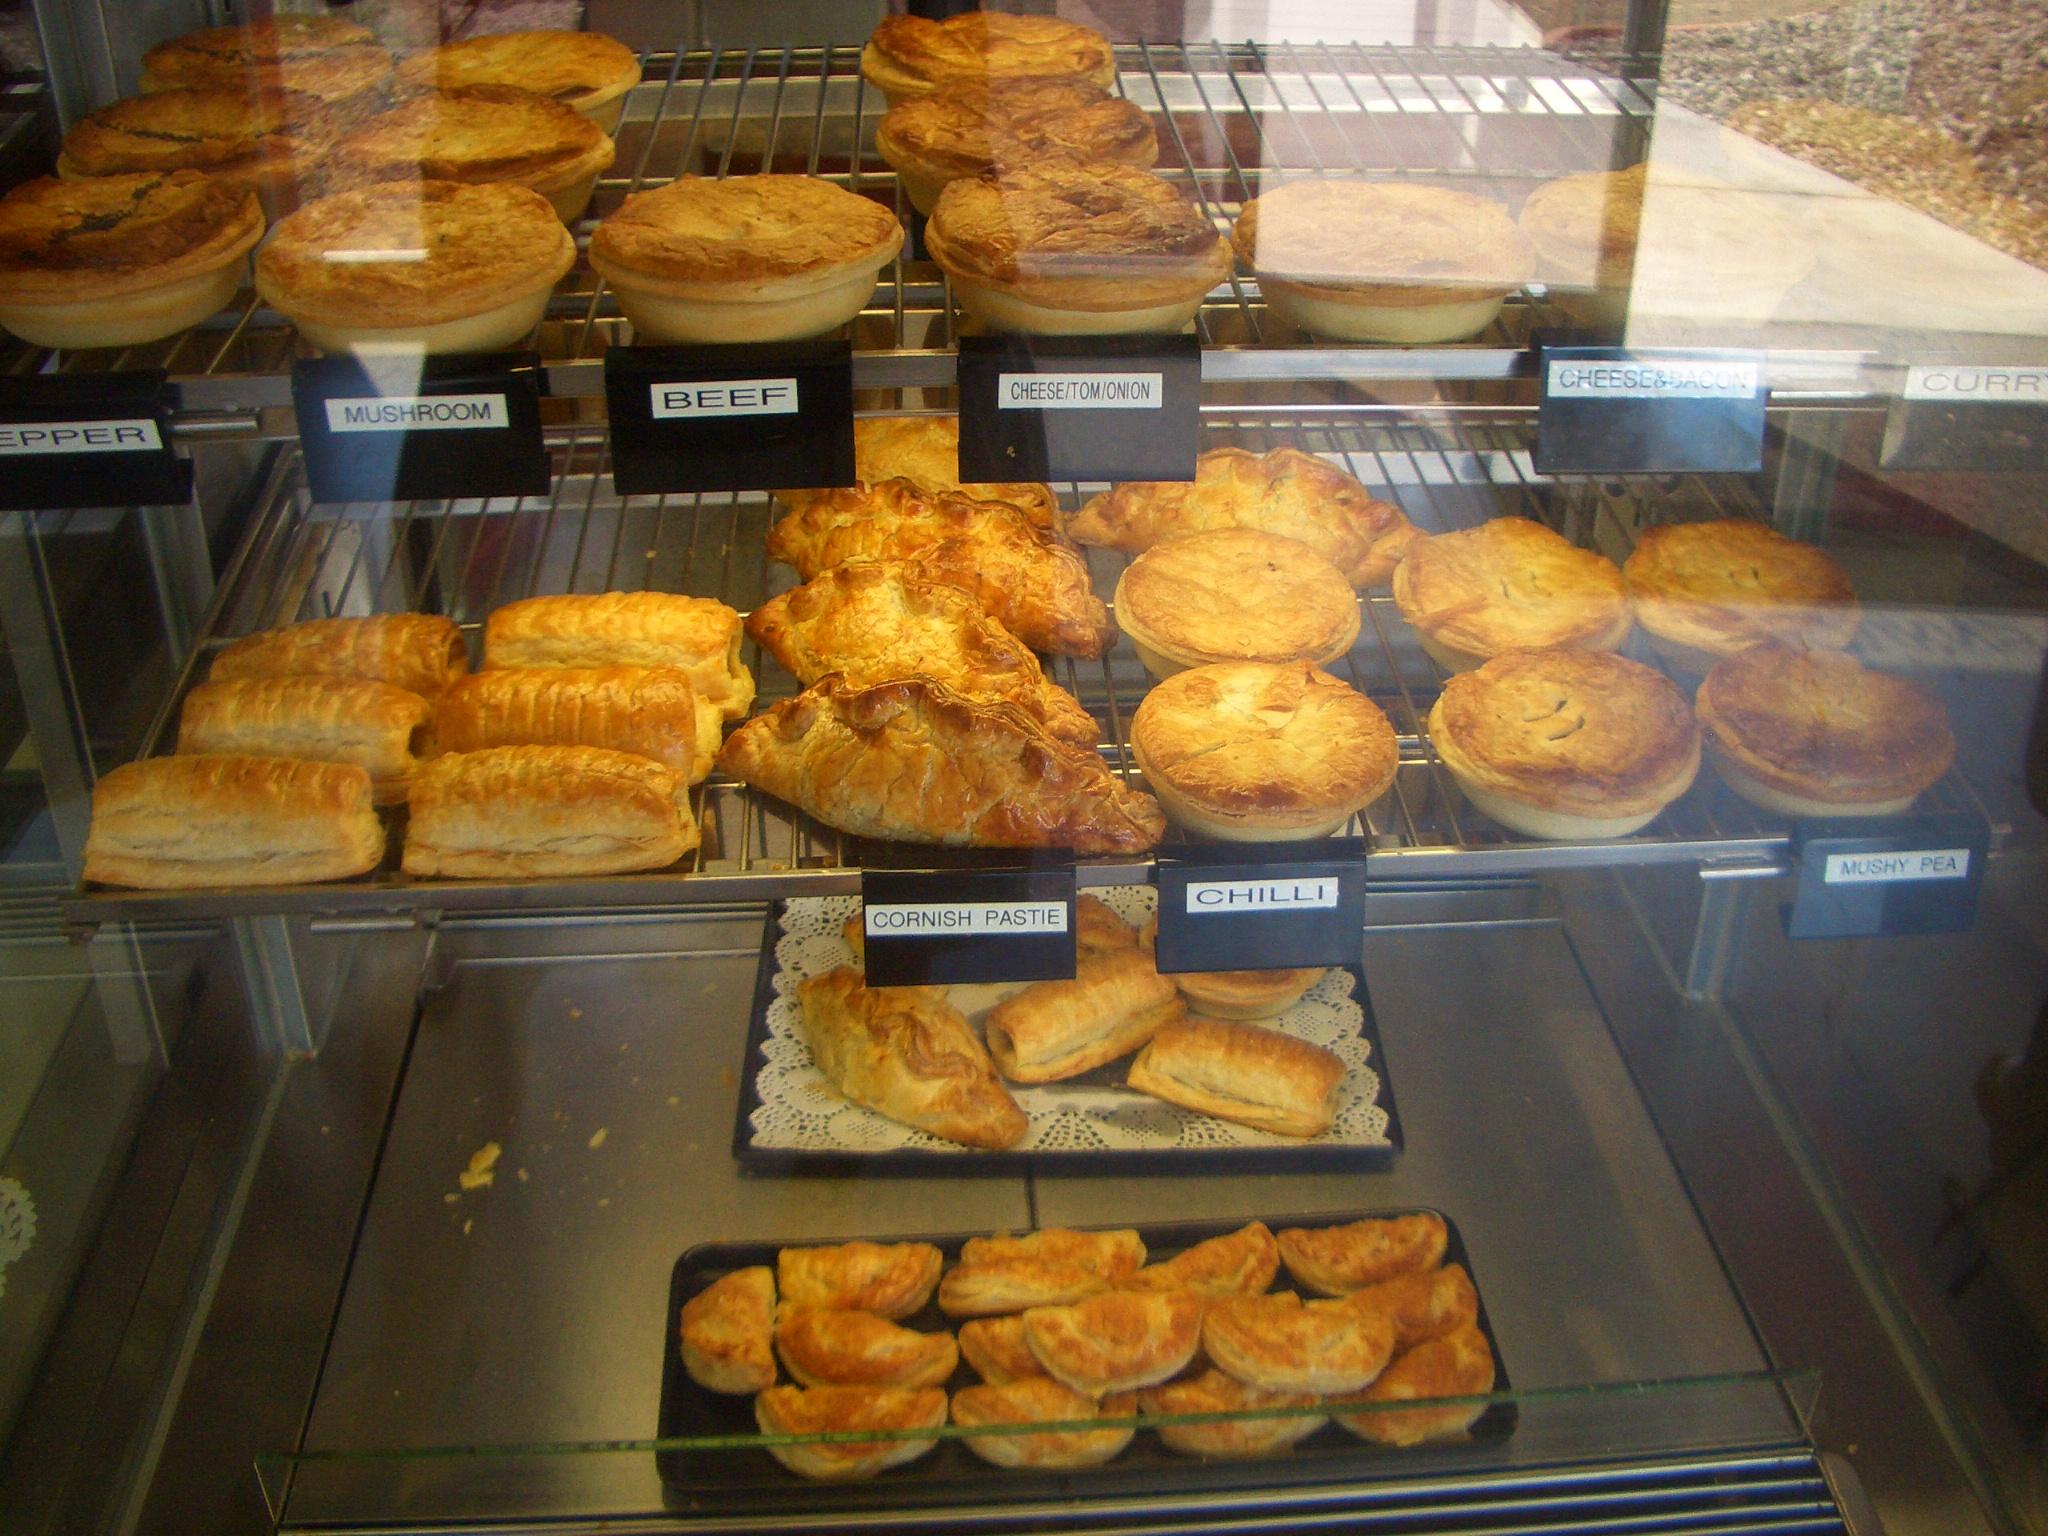 <p>人気はもちろんソーセージロール($2.40)のほかに、パイ類($3.90〜)など。 ベーコンチーズバイト(¢60)はついつい何個も食べたくなっちゃいます。 食パンはノーマルな白い食パン、のほかに胚芽食パンやマルチグレイン食パンなど、$3.80〜4.50。 ピザ台やハンバーガー用バンズ、ホットドッグ用パンなど、シンプルなパンも揃っています。</p>